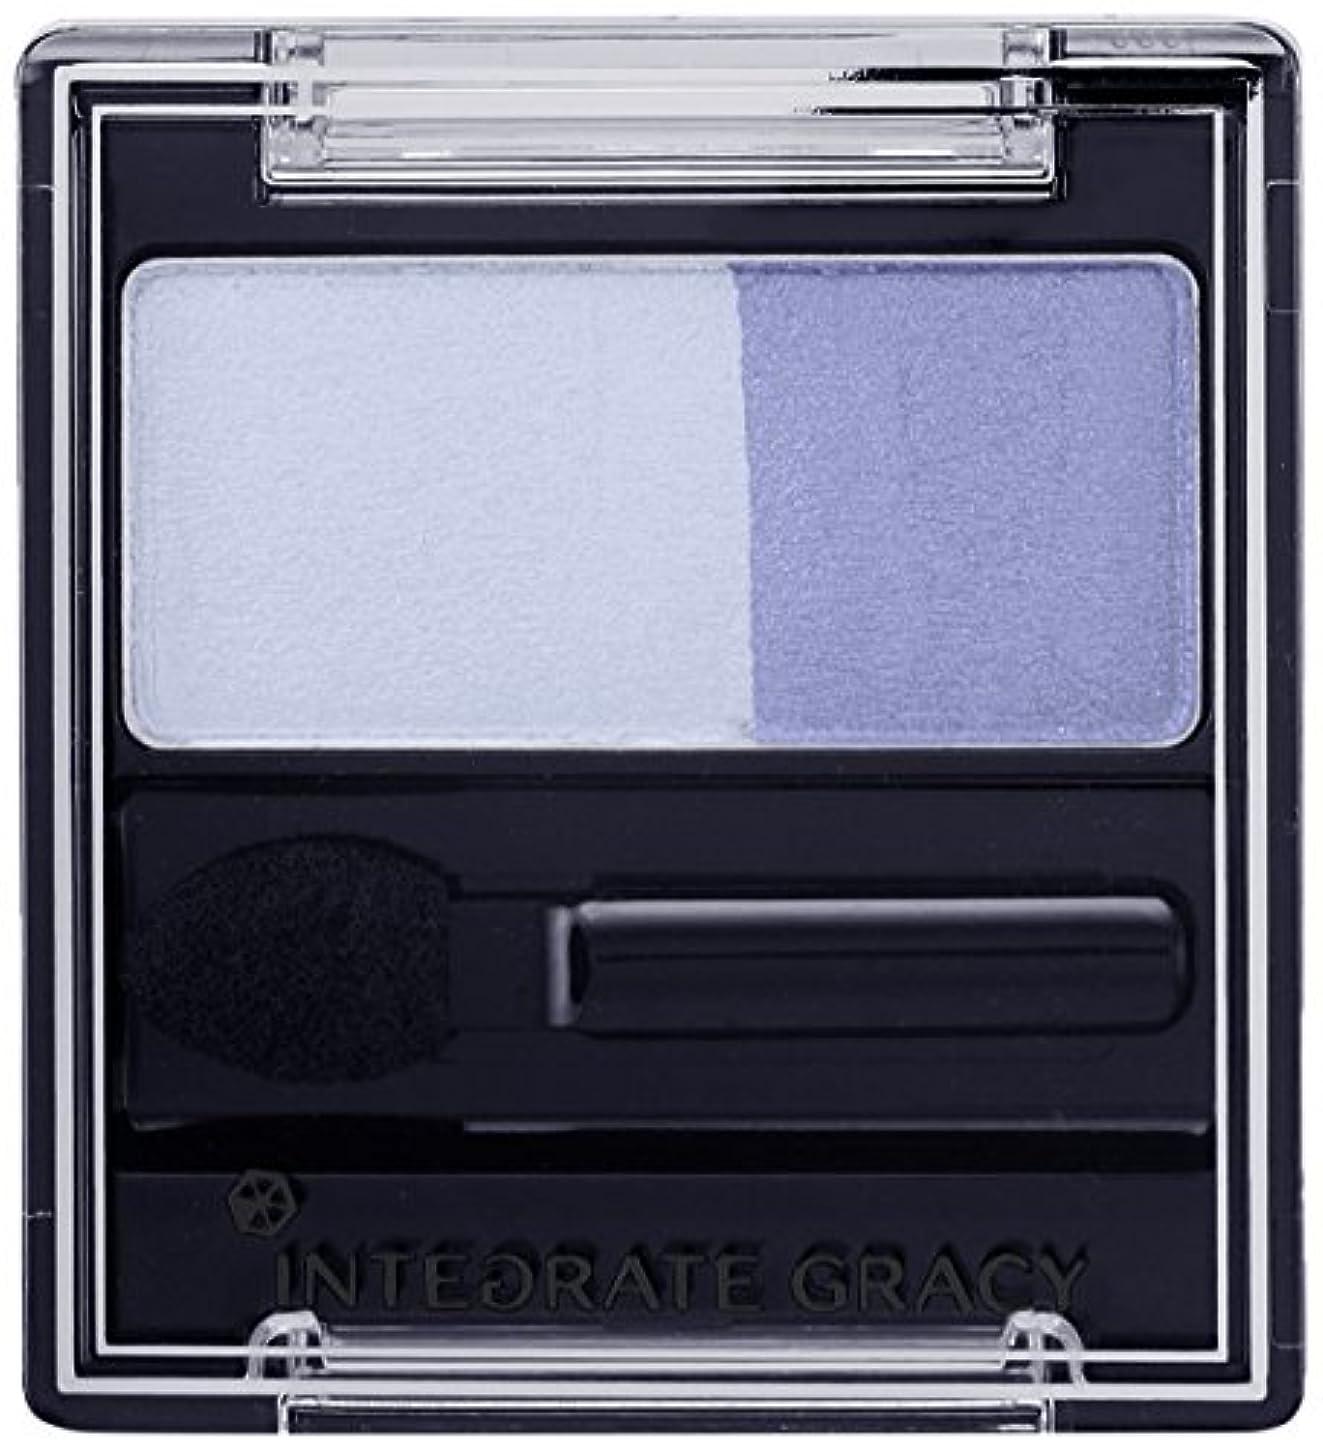 ジョージスティーブンソン偏差霧深いインテグレート グレイシィ アイカラー ブルー283 (アイシャドウ) 2g